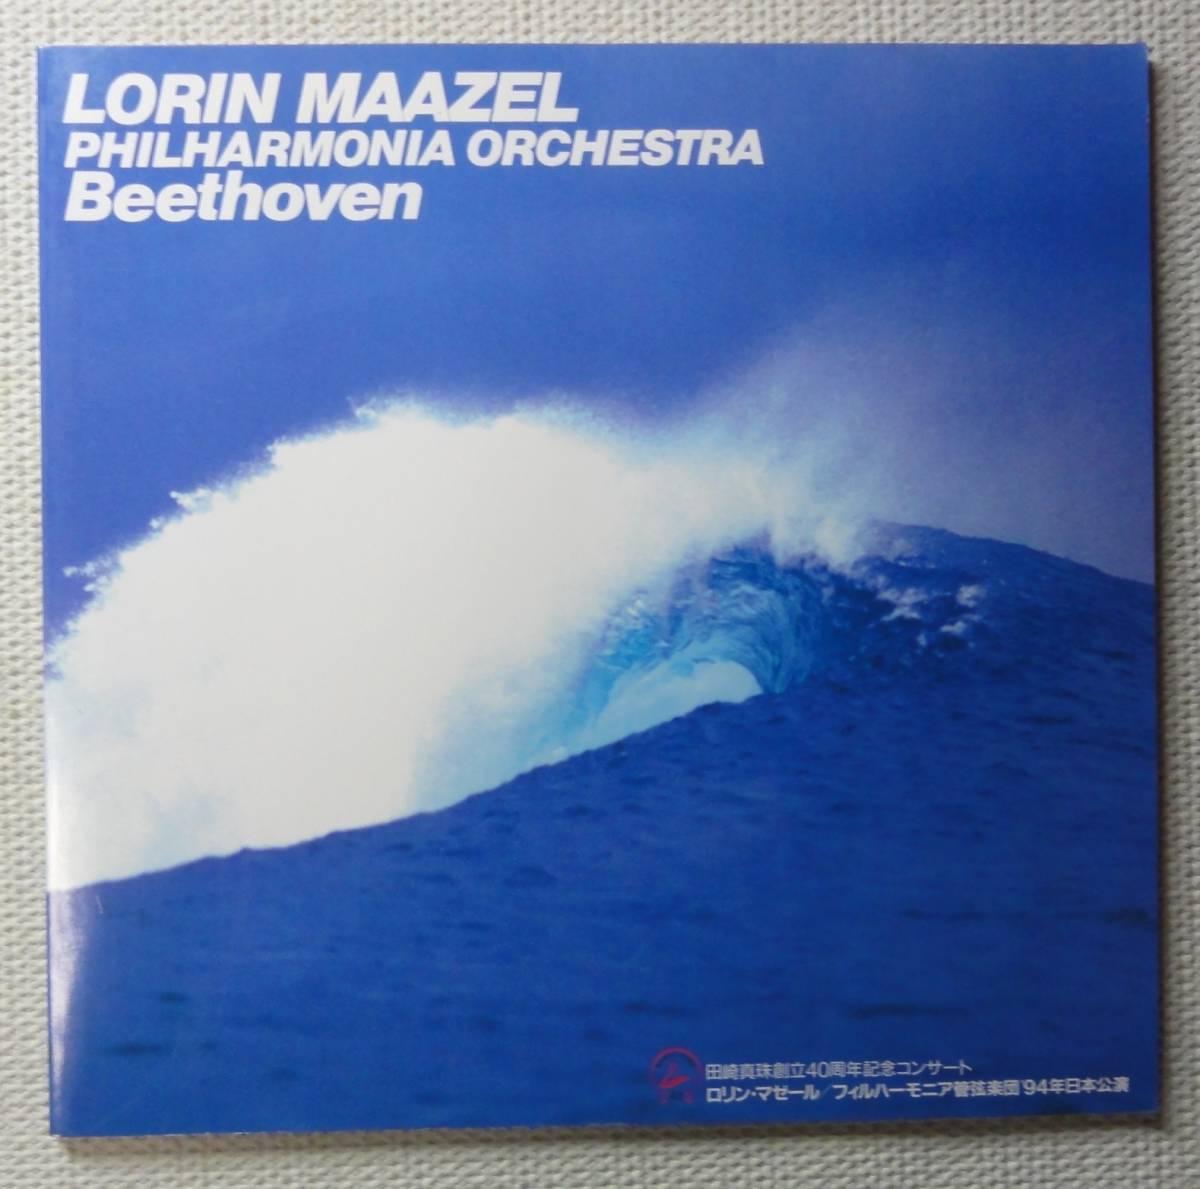 ロリン・マゼール/フィルハーモニア管弦楽団【1994年】日本公演プログラム